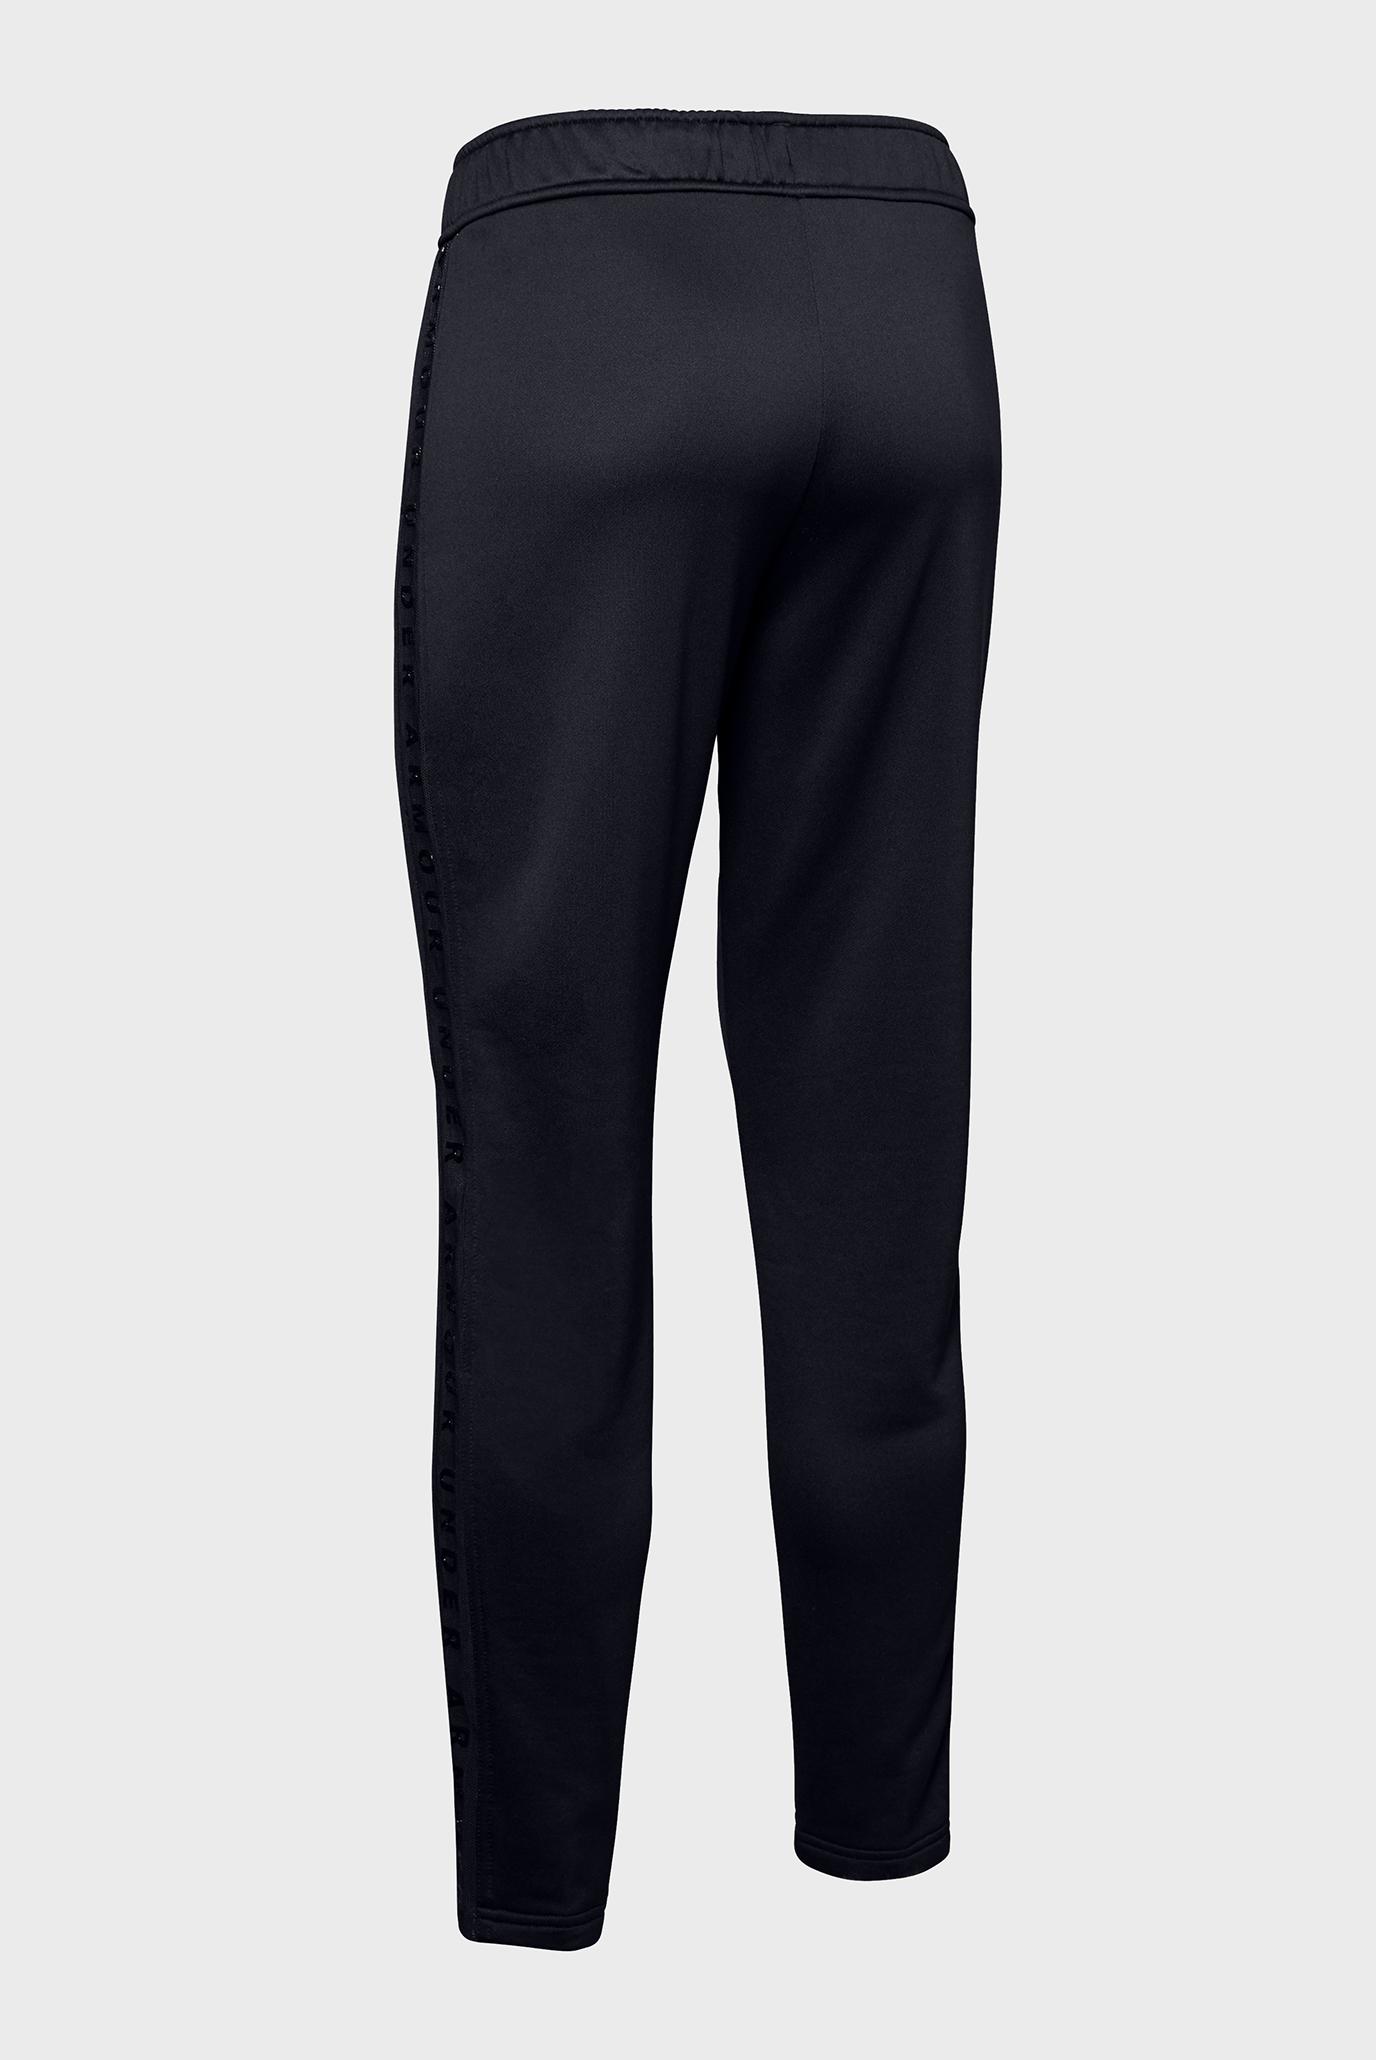 Женские черные спортивные брюки Tech Terry Pant Under Armour